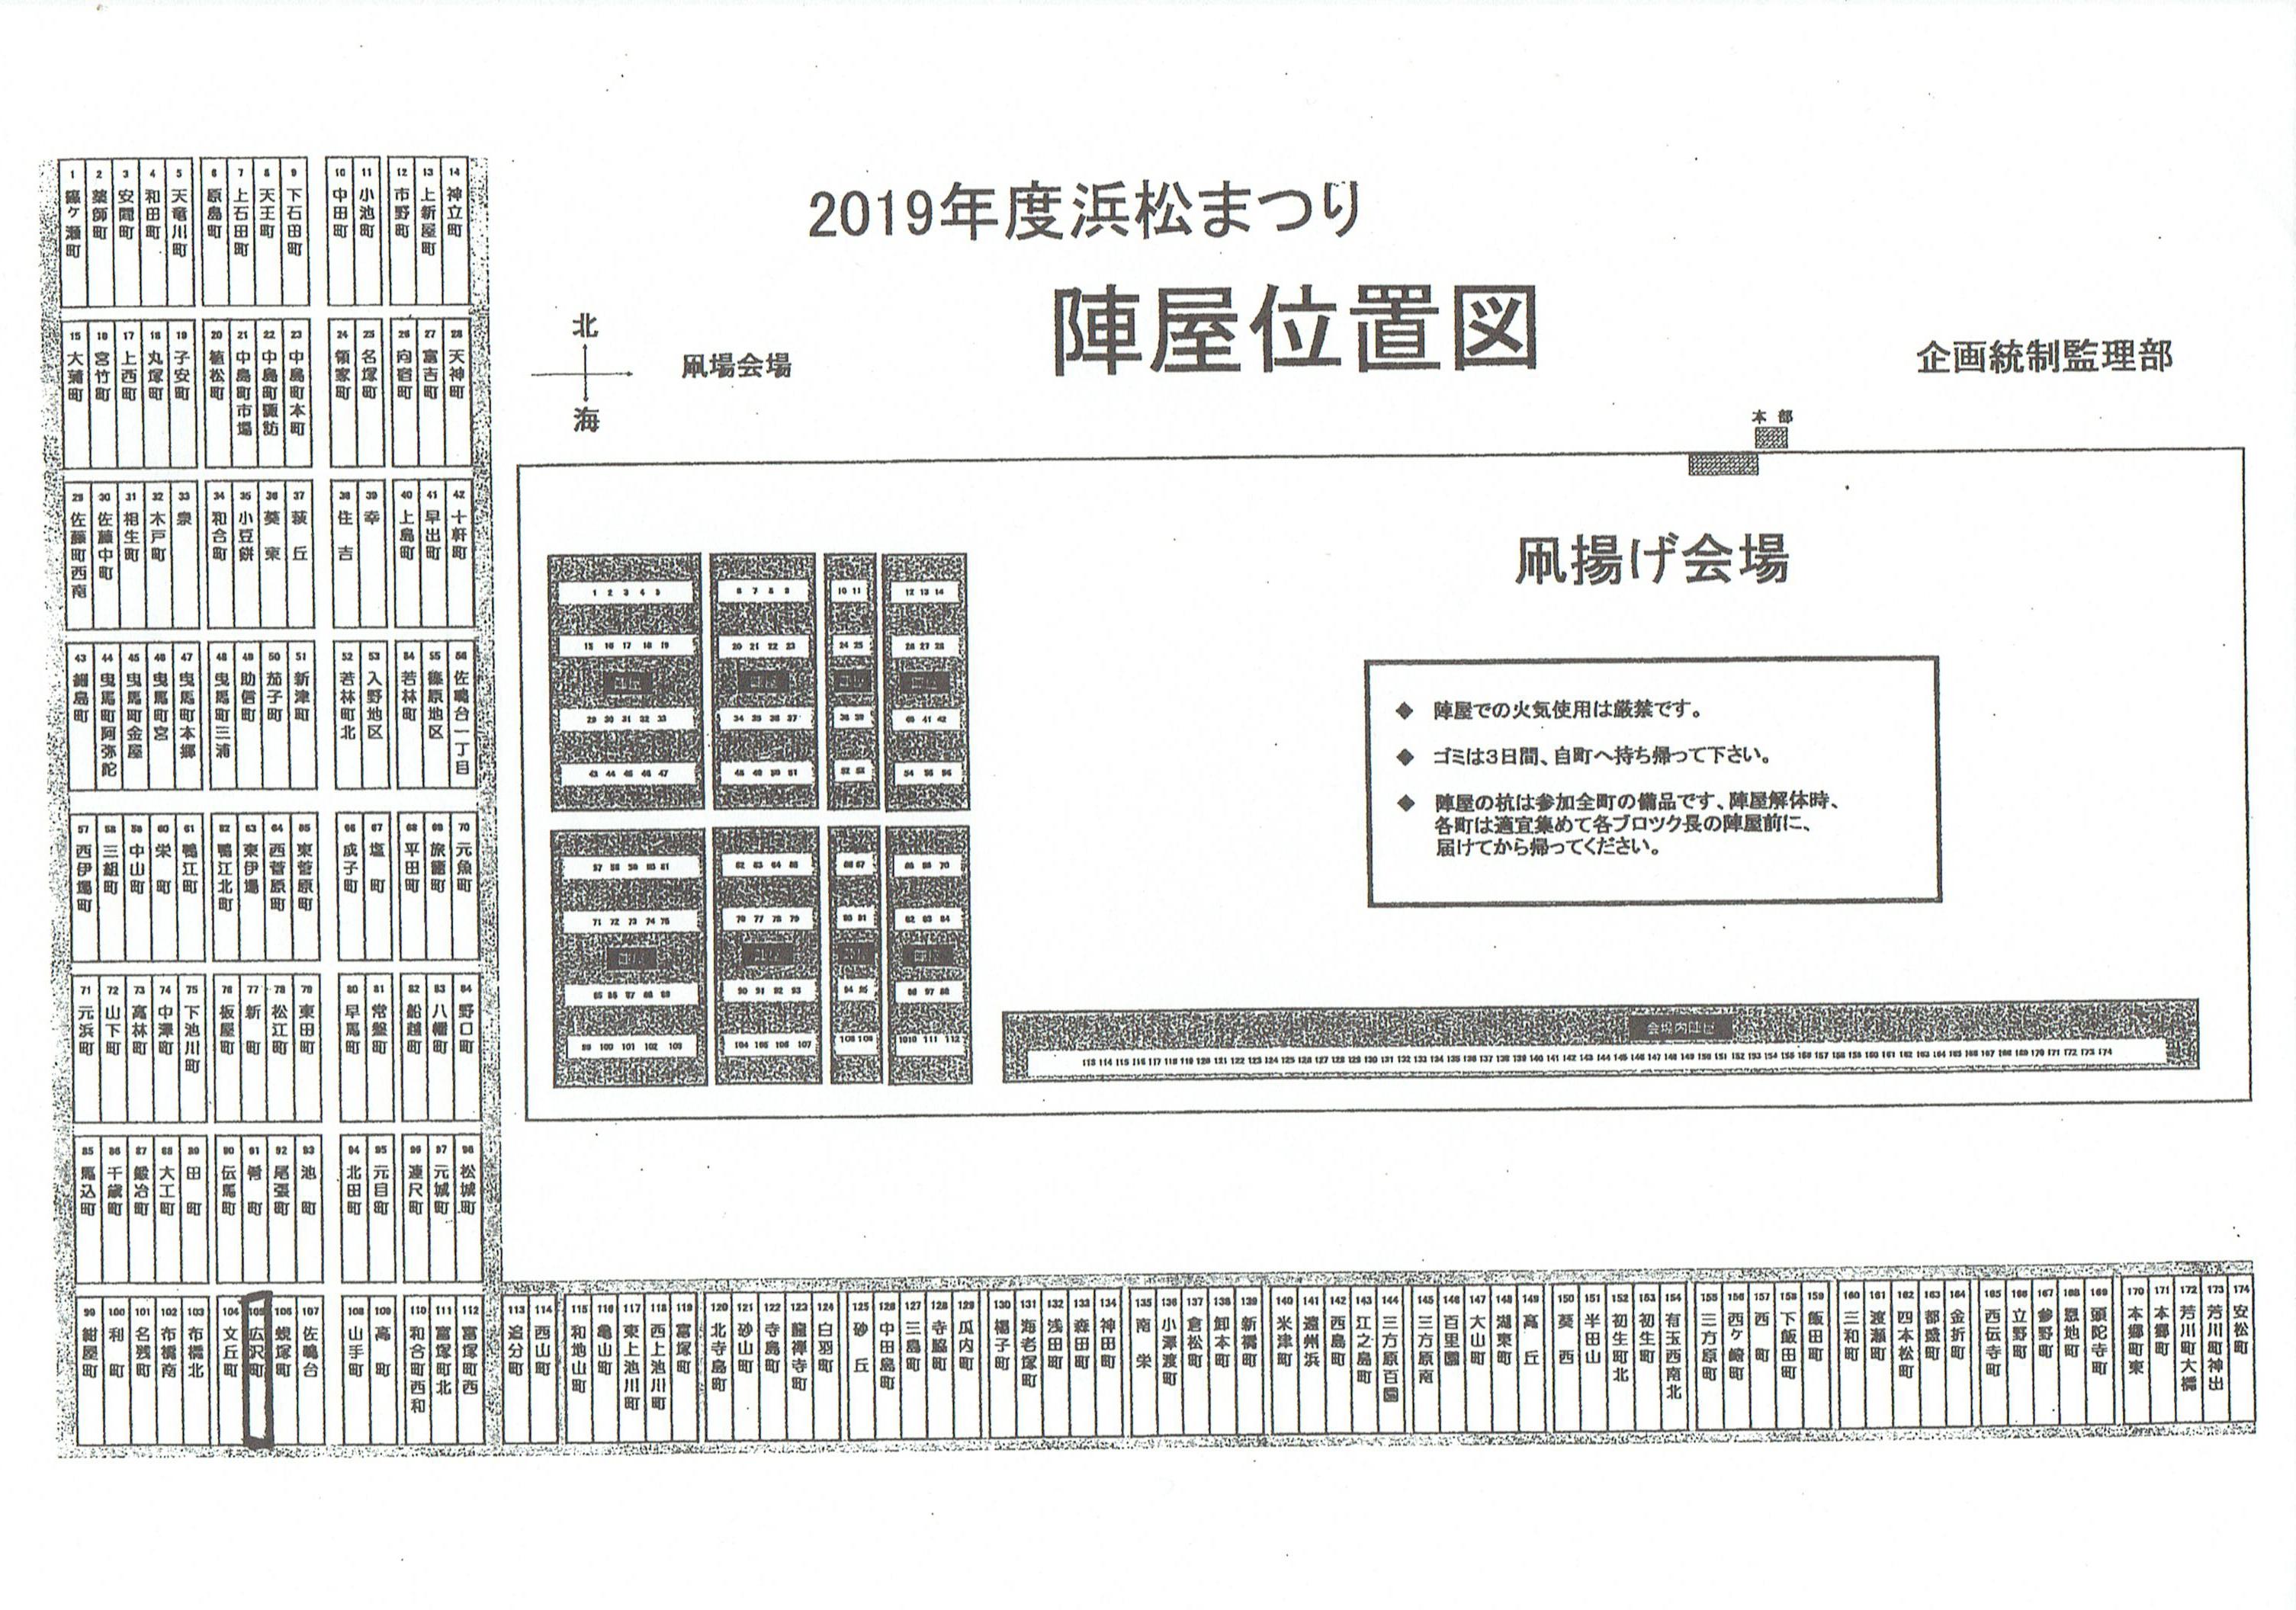 【配布資料】令和元年 広沢町ひ組 浜松まつり凧場陣屋位置